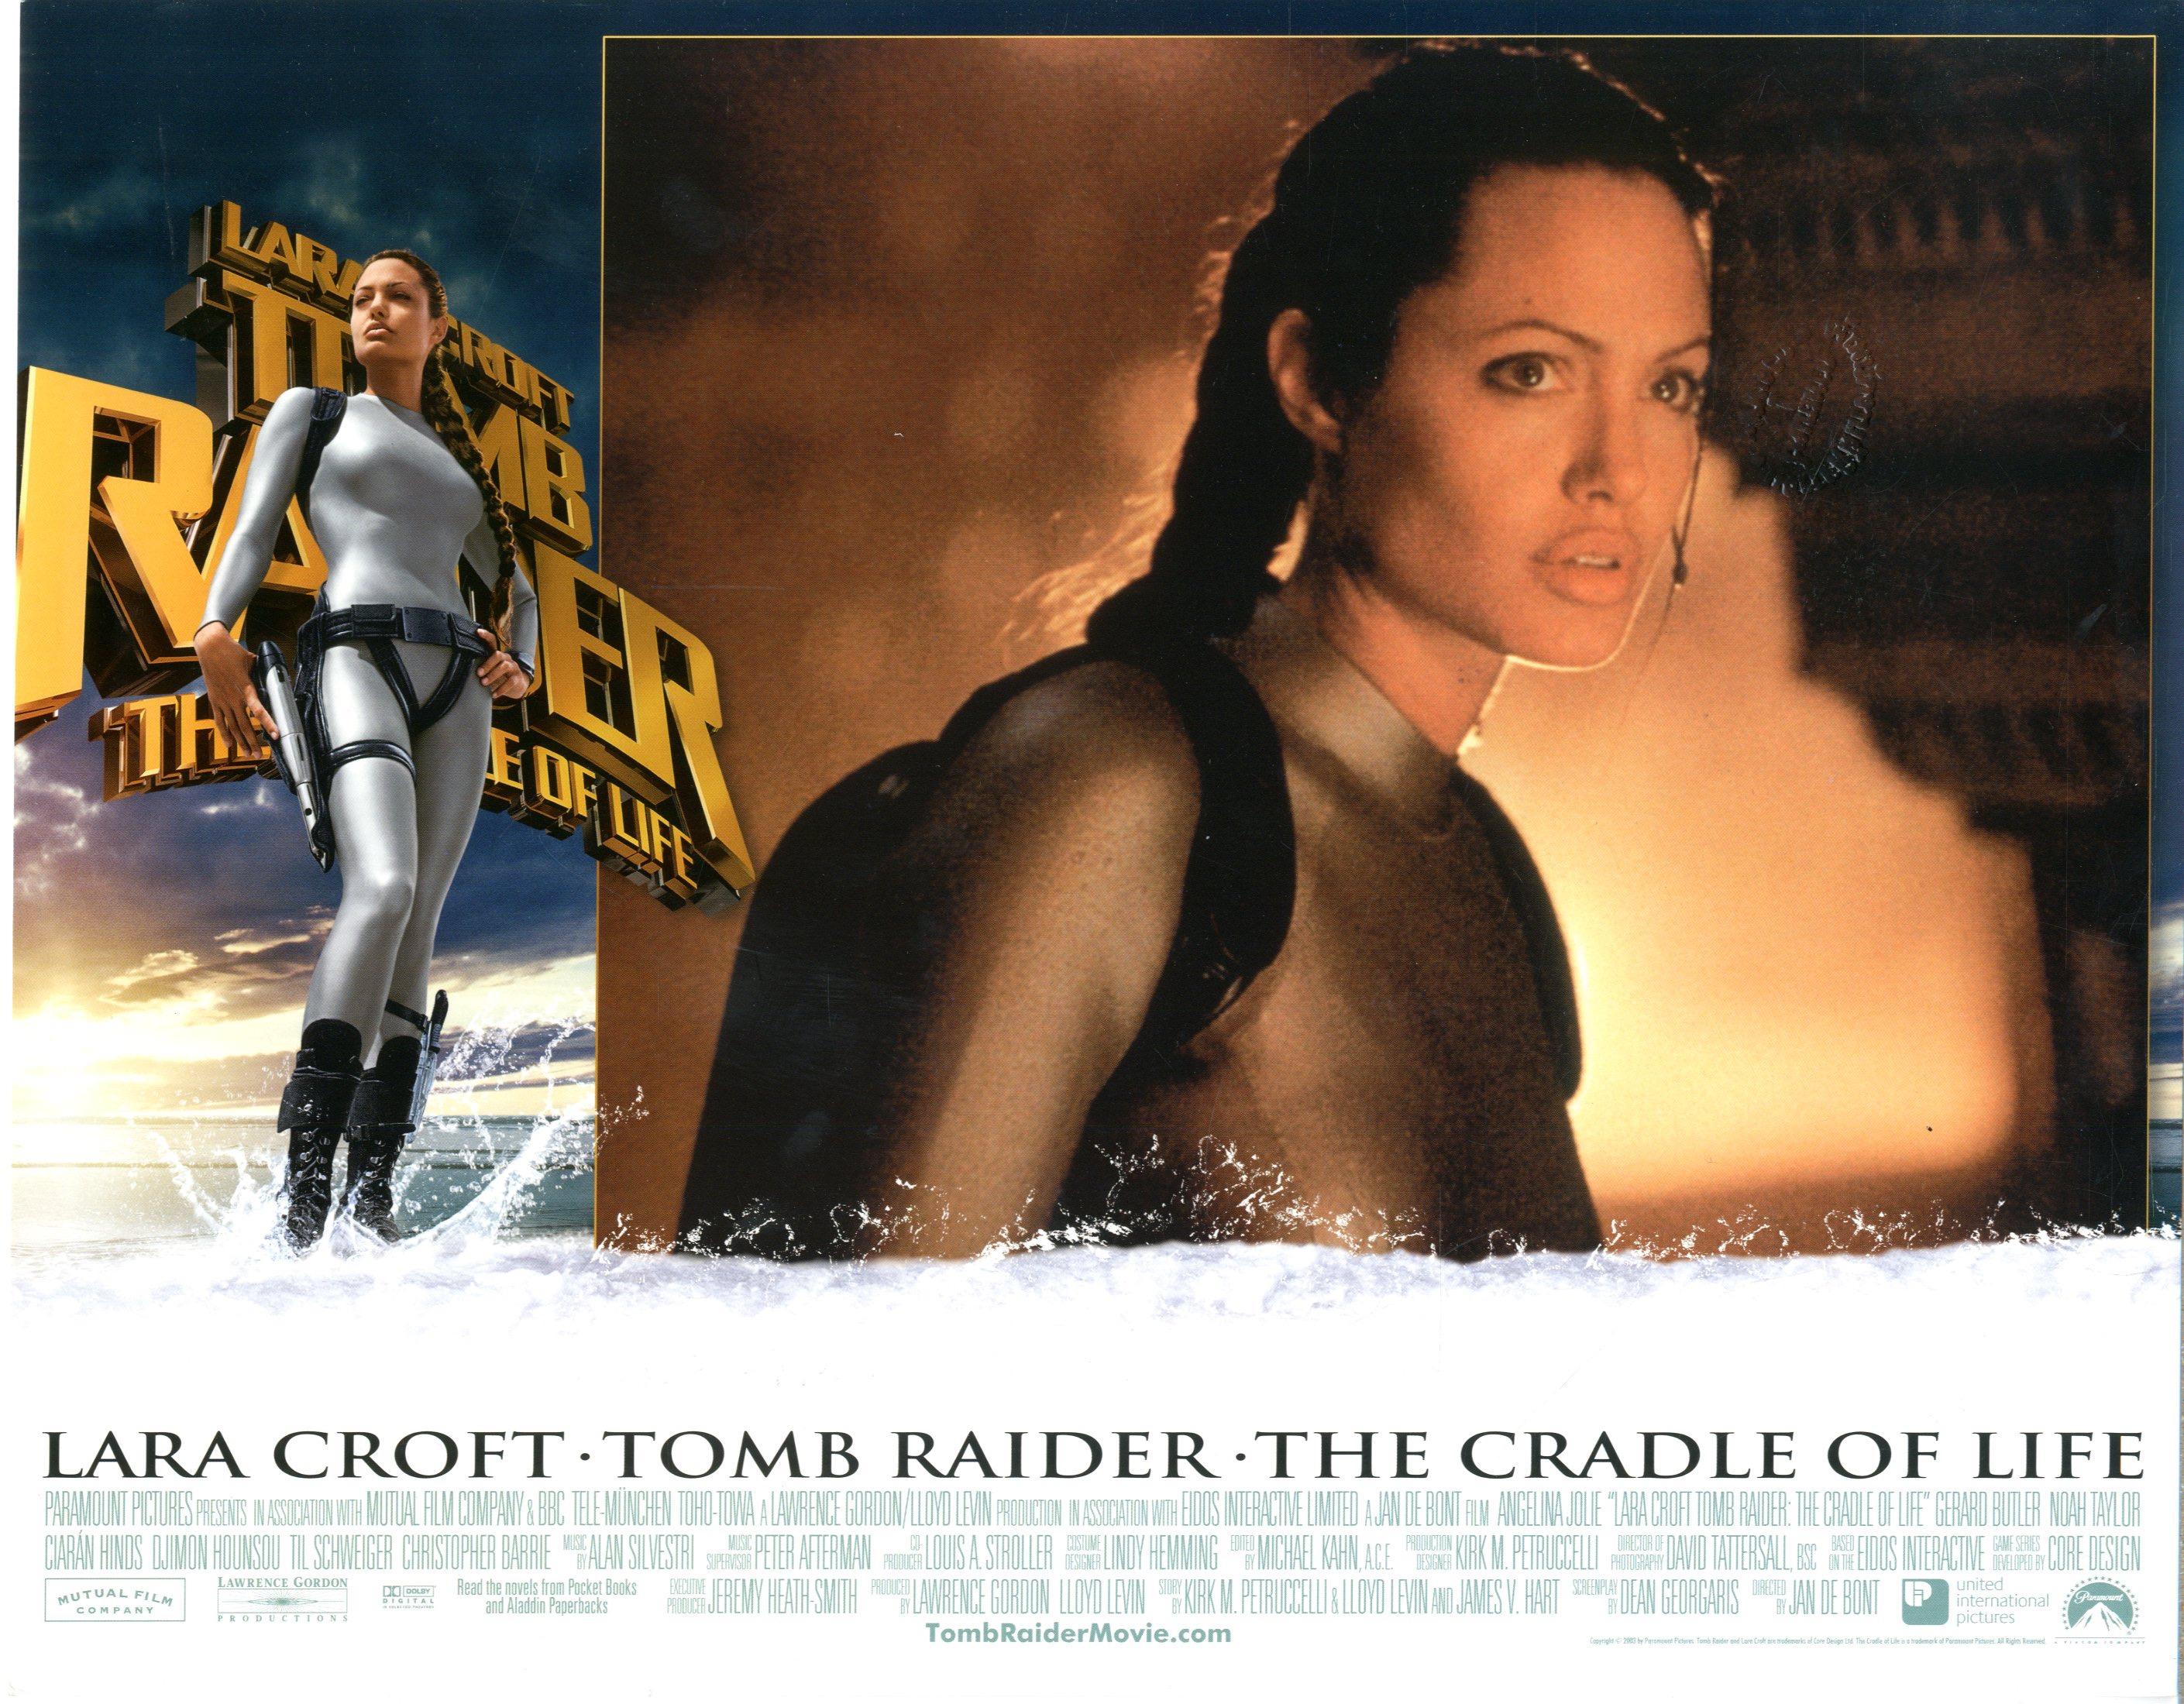 Lara Croft Tomb Raider Cradle Of Life 2003 Sold Details Four